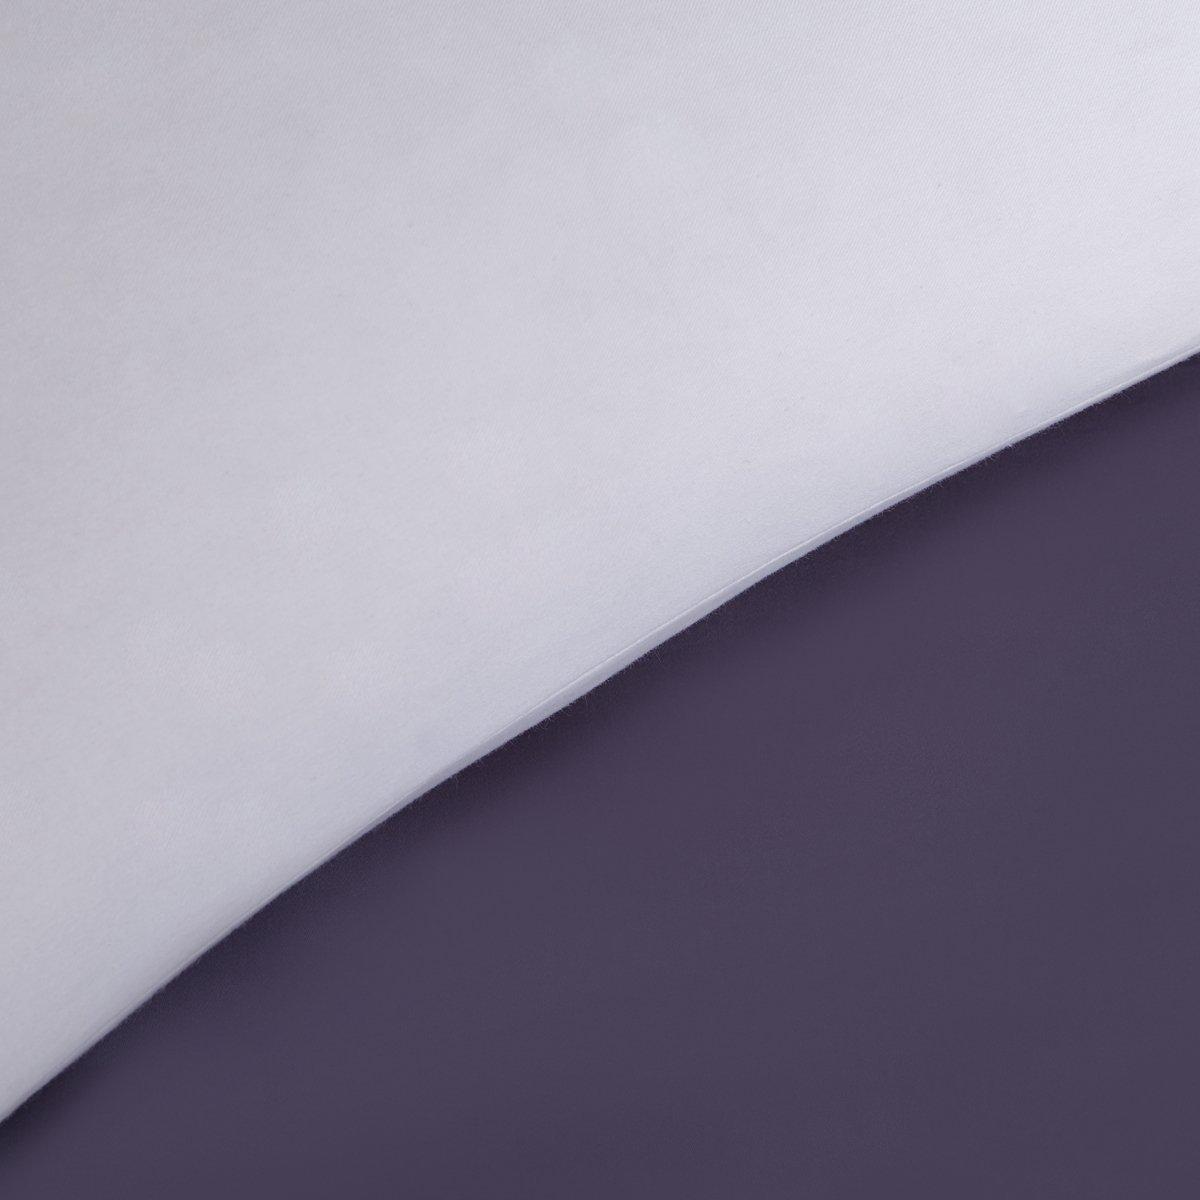 puredown/® Pack de 2 Relleno de Coj/ín Almohadas Cuadradas de Plumas Lavable a M/áquina Cubierta 100/% Algod/ón 50x50cm